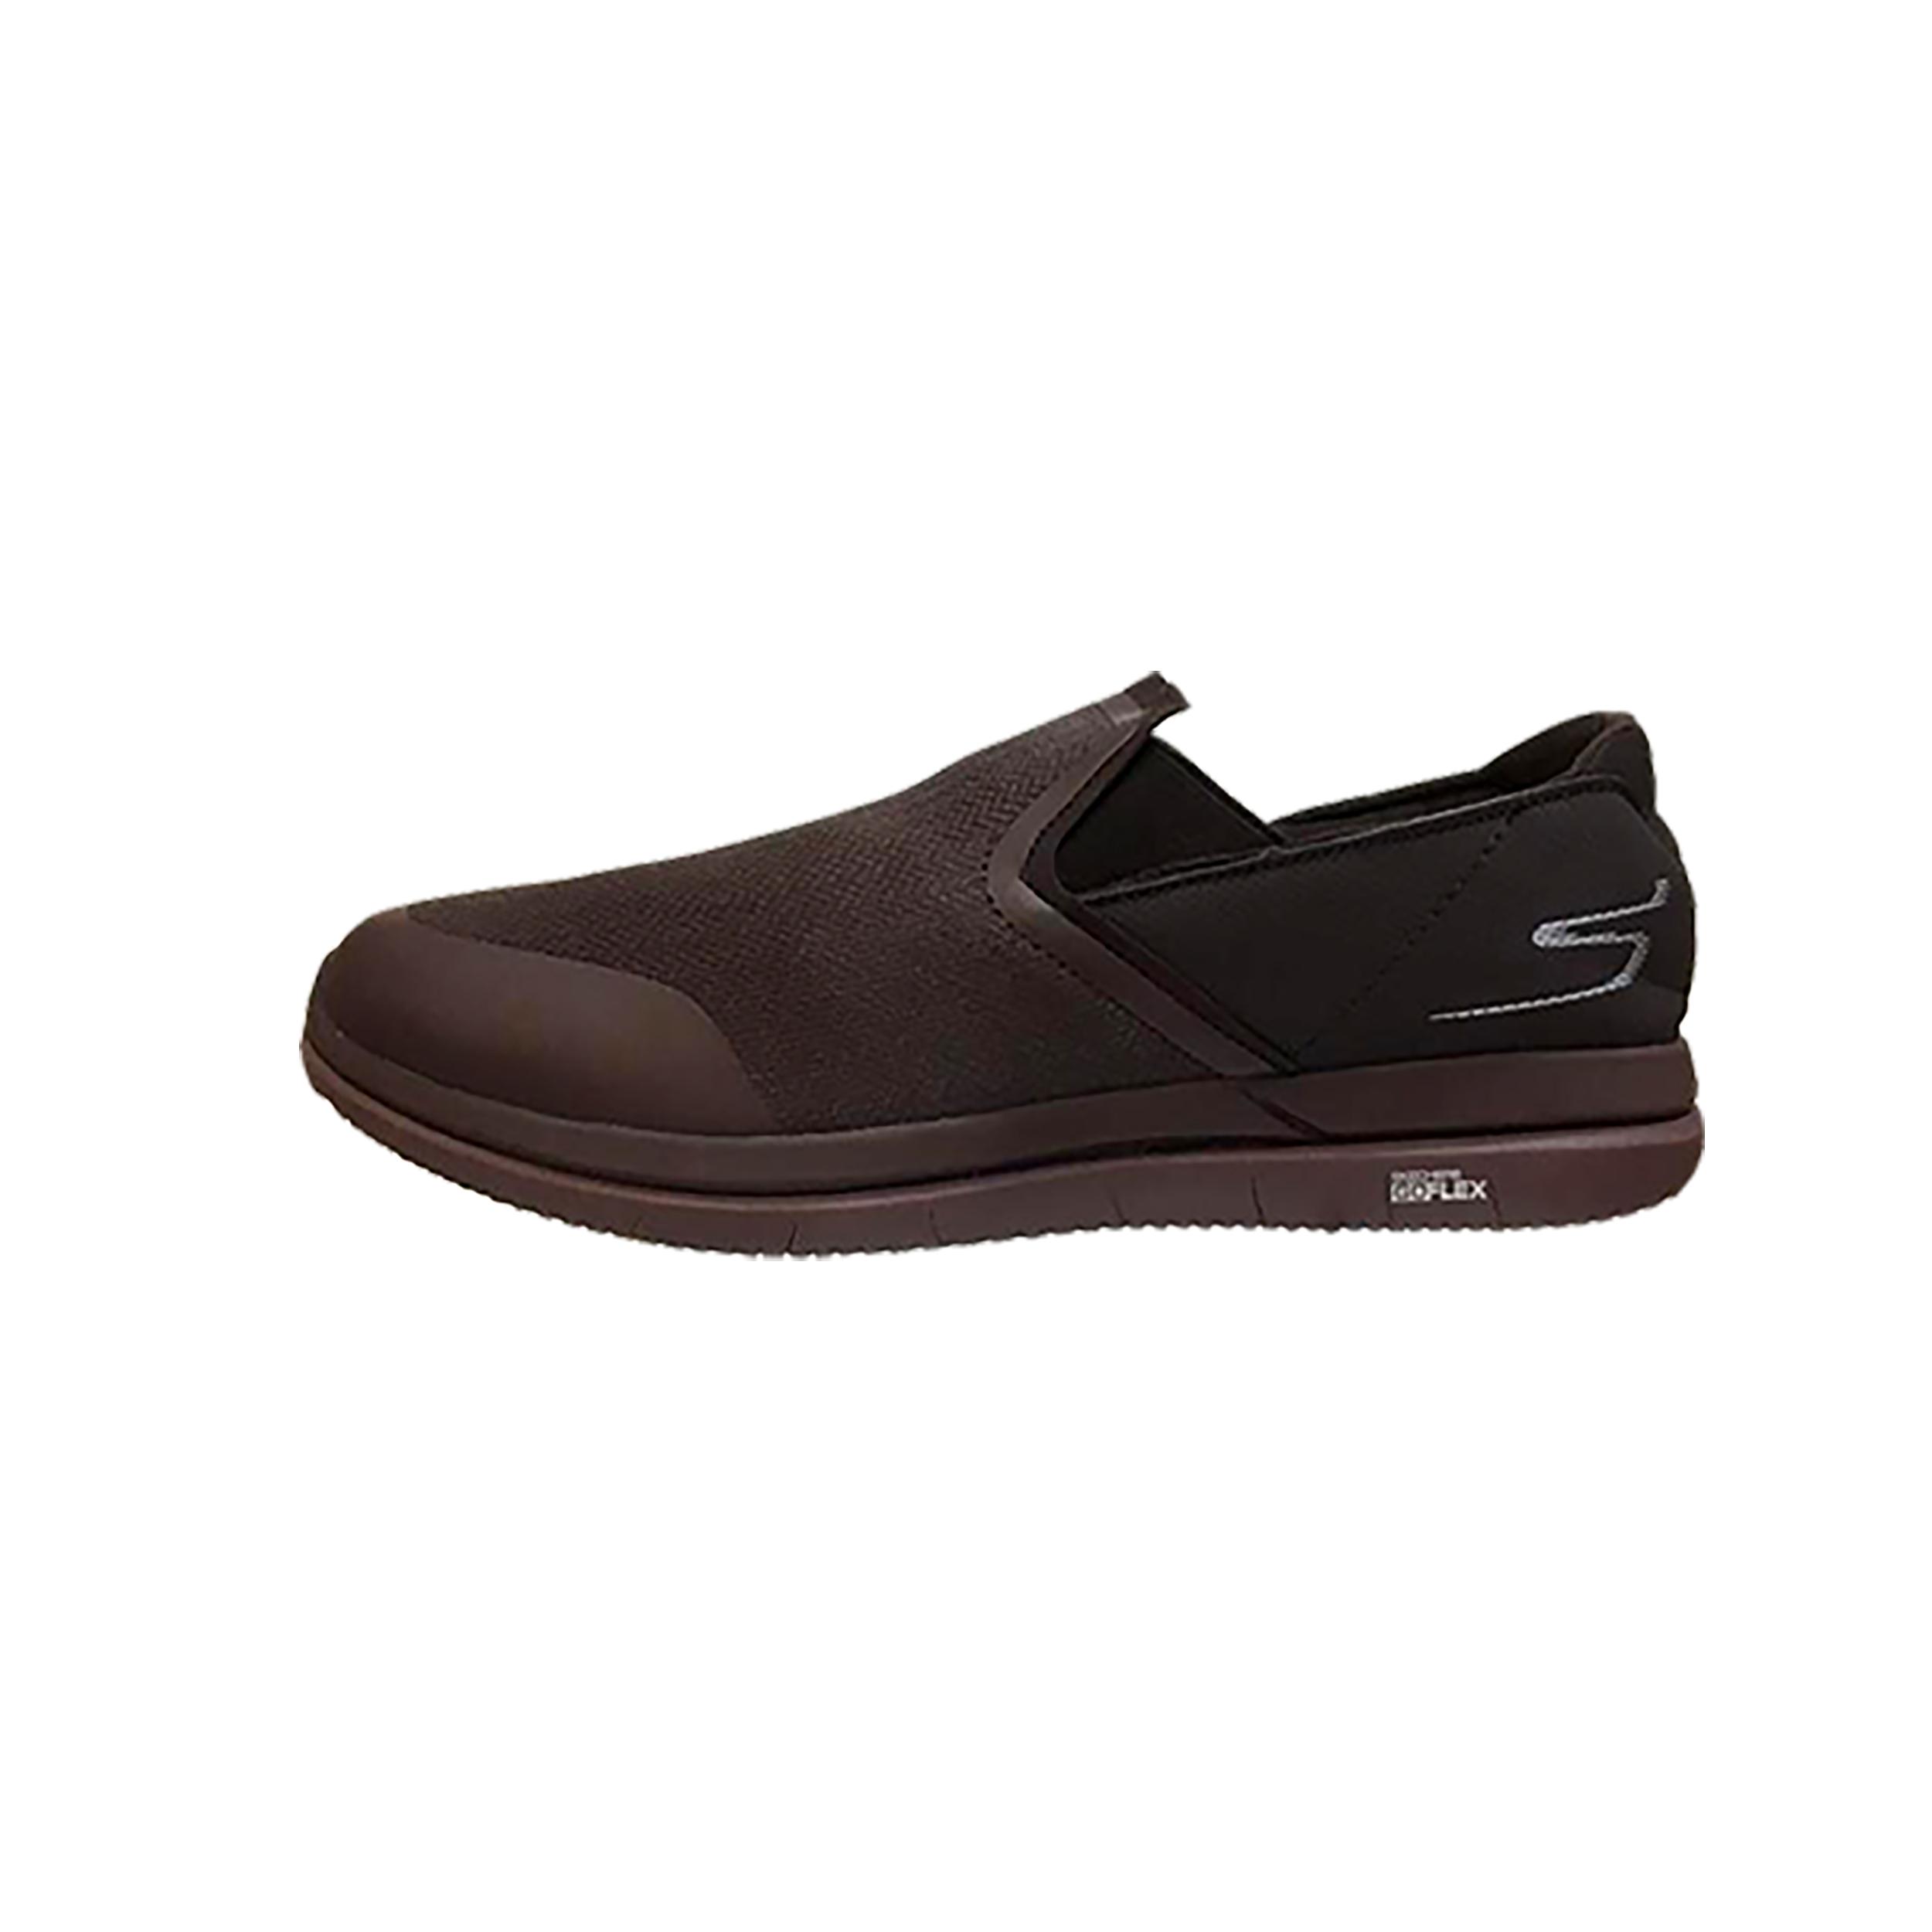 کفش روزمره مردانه اسکچرز مدل GOFIEX